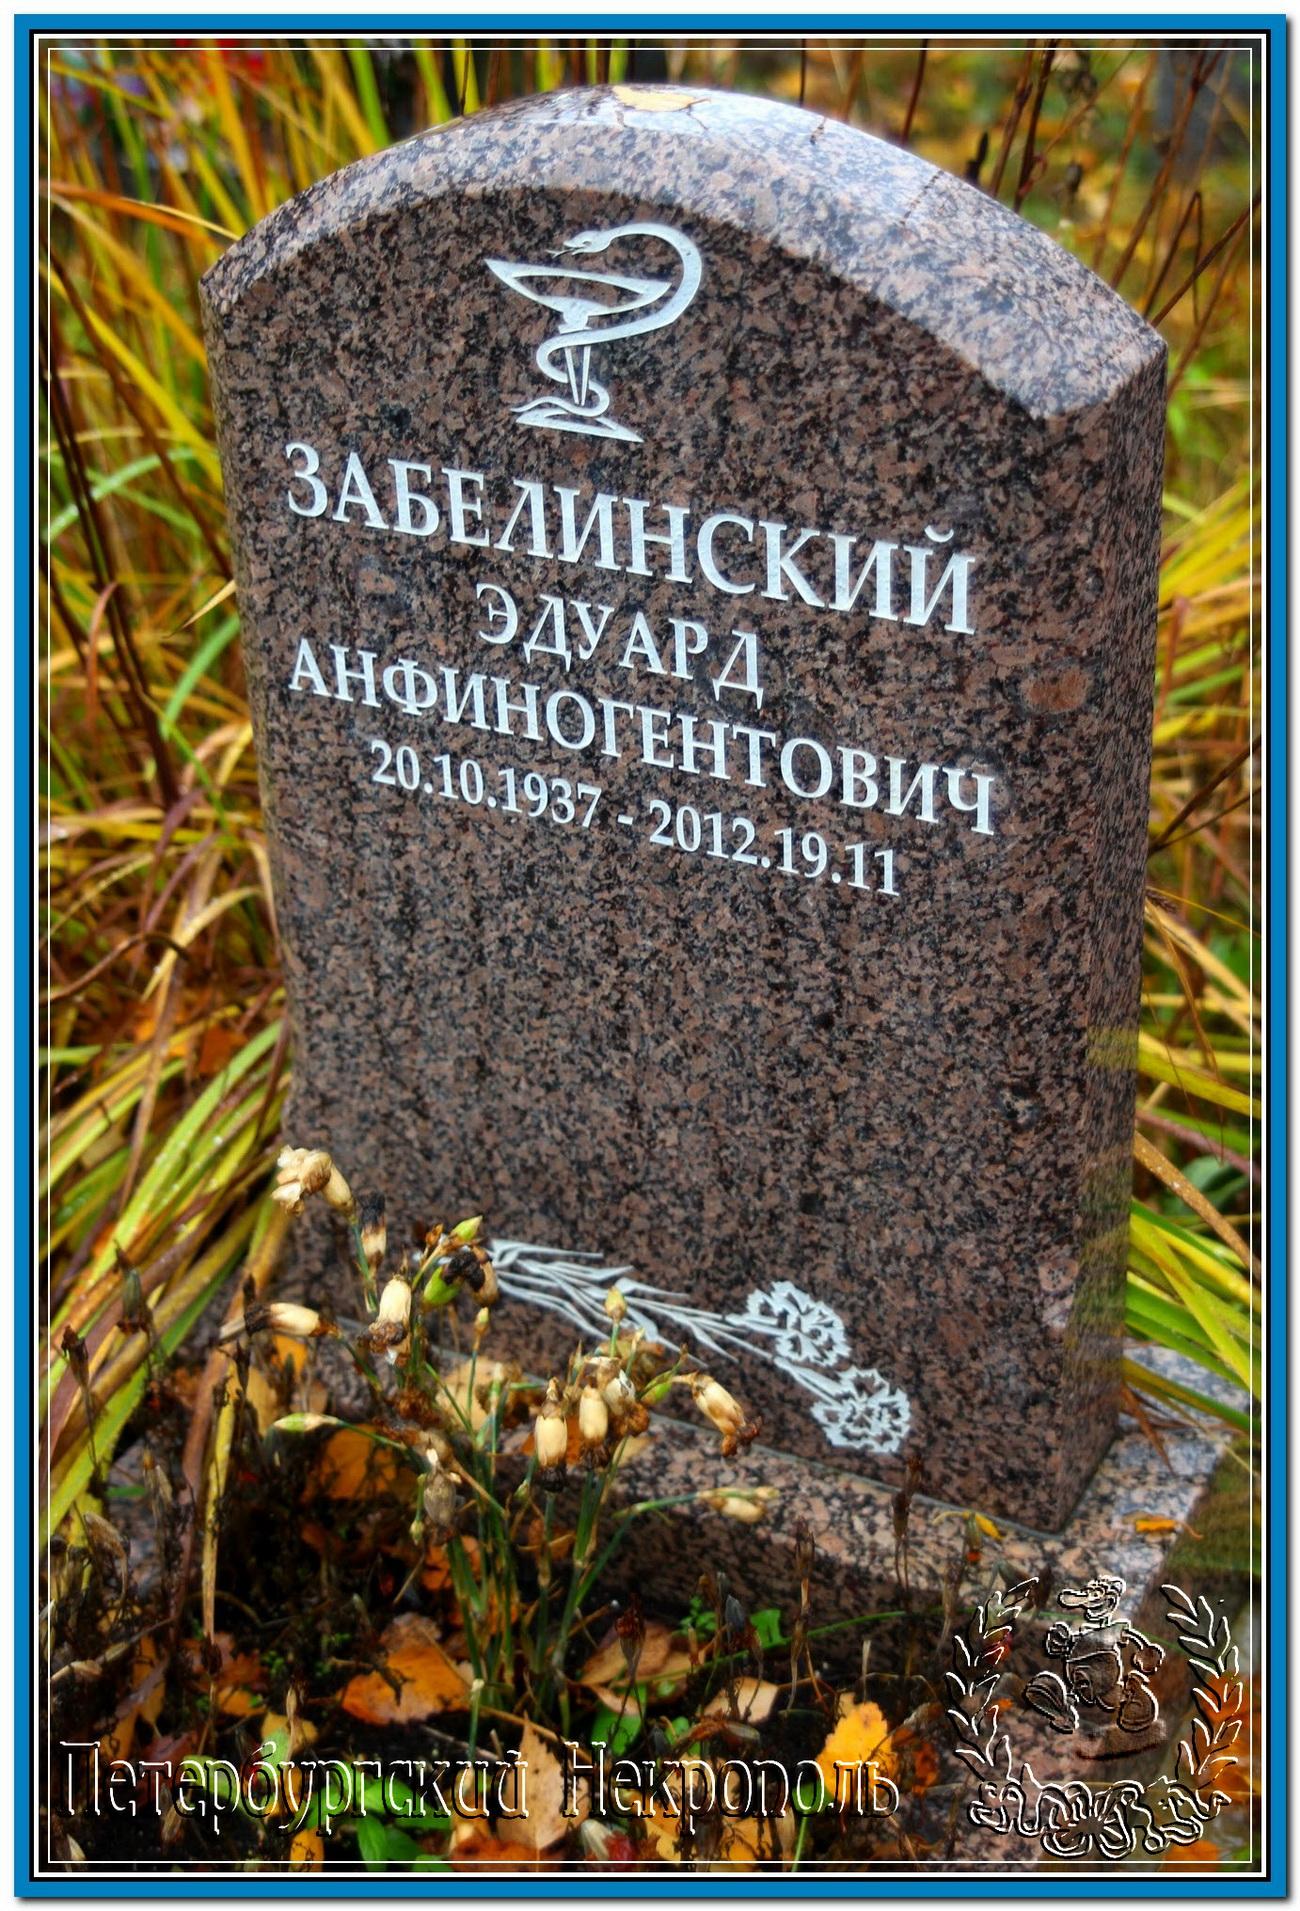 © Забелинский Эдуард Анфиногентович